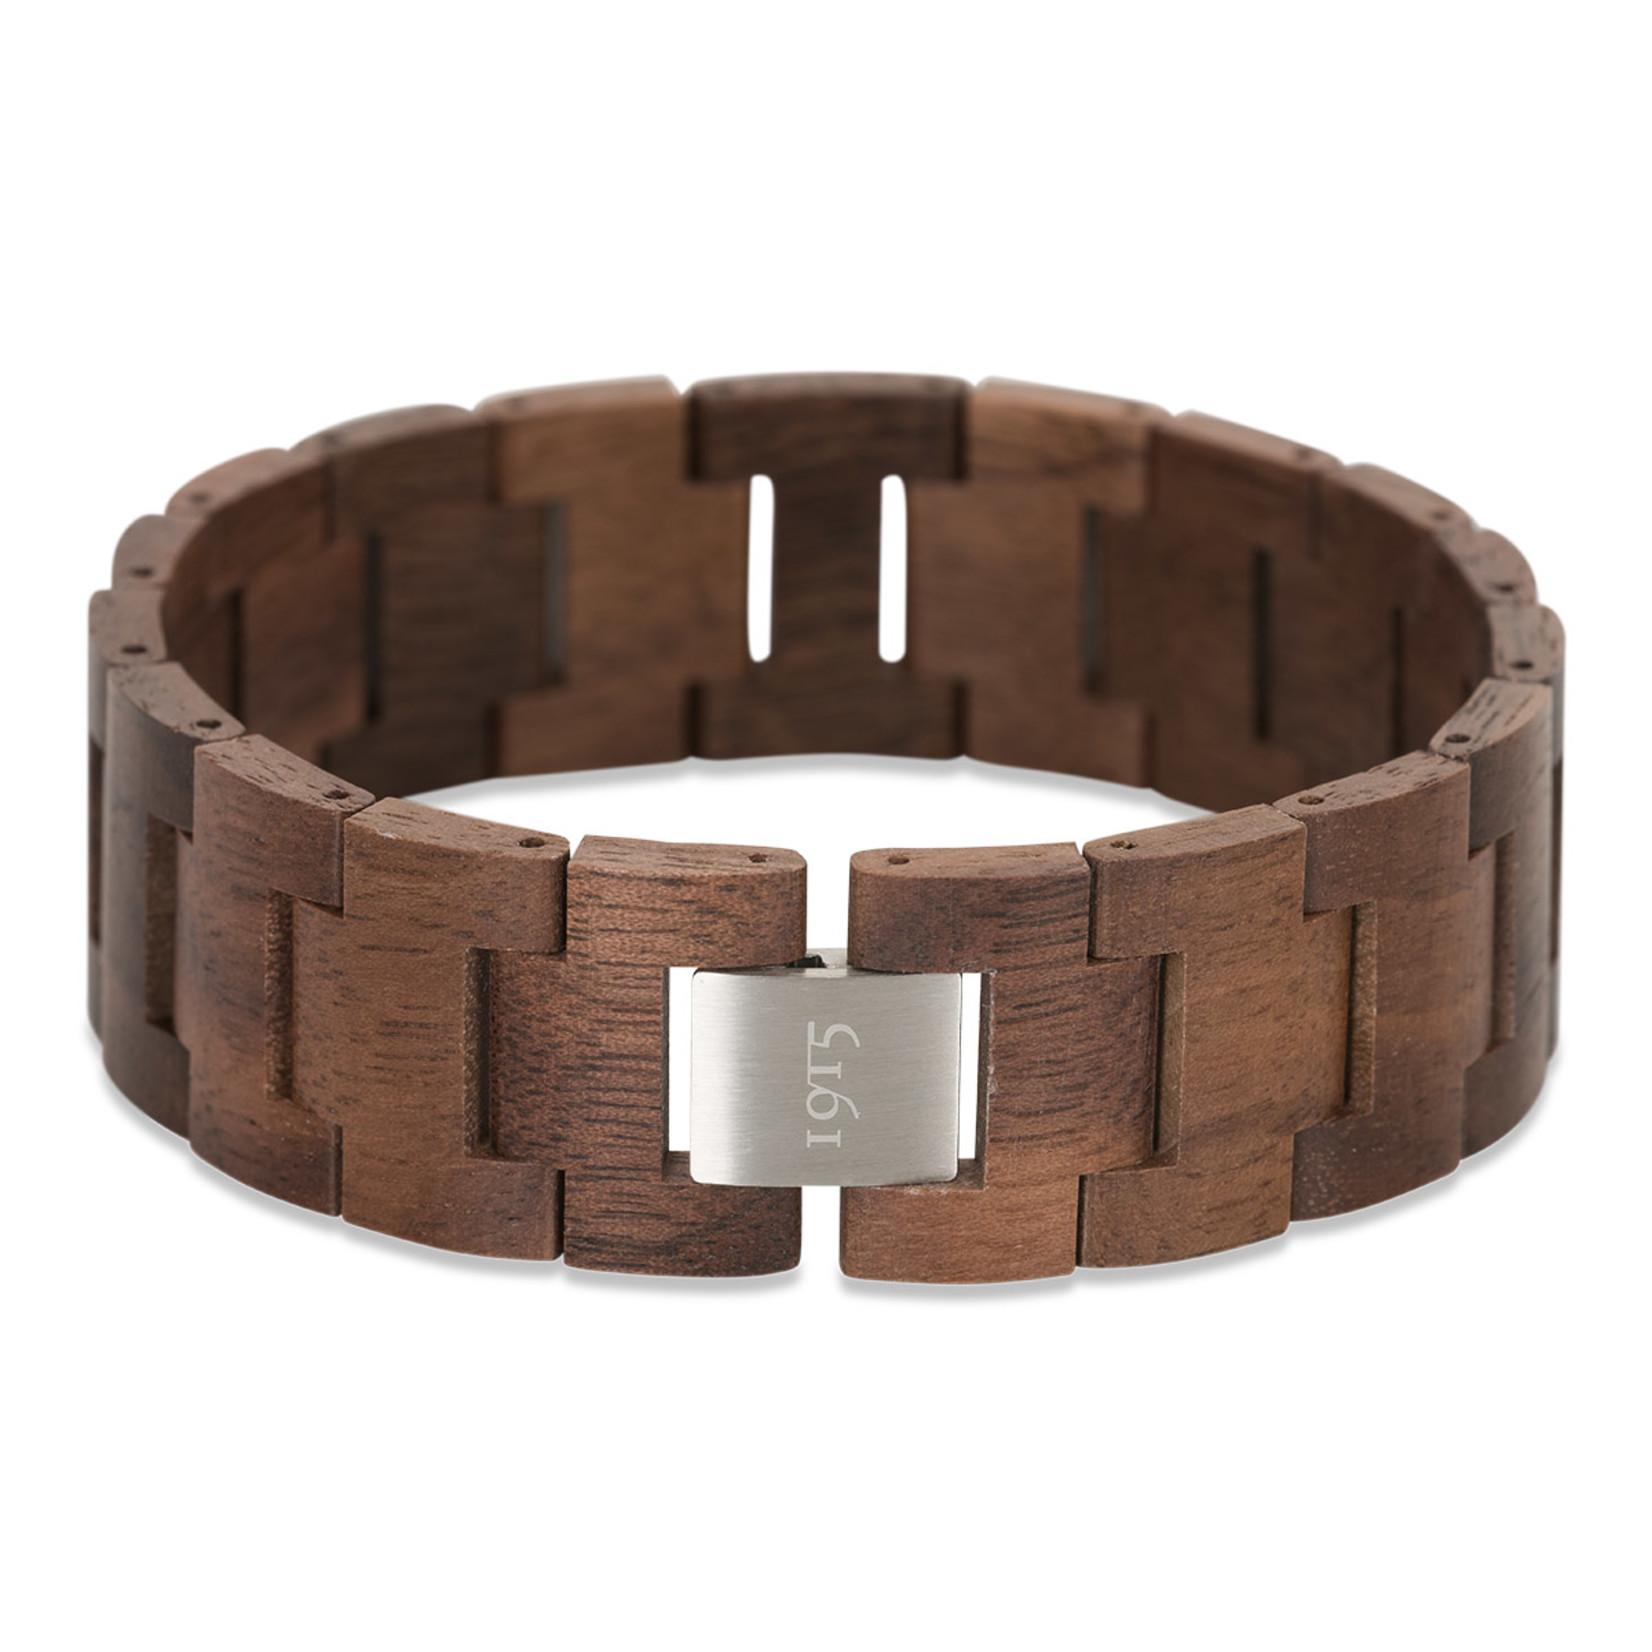 1915 watches 1915 bracelet Walnut | Houten schakel armband van 1915 watches | Walnoothout